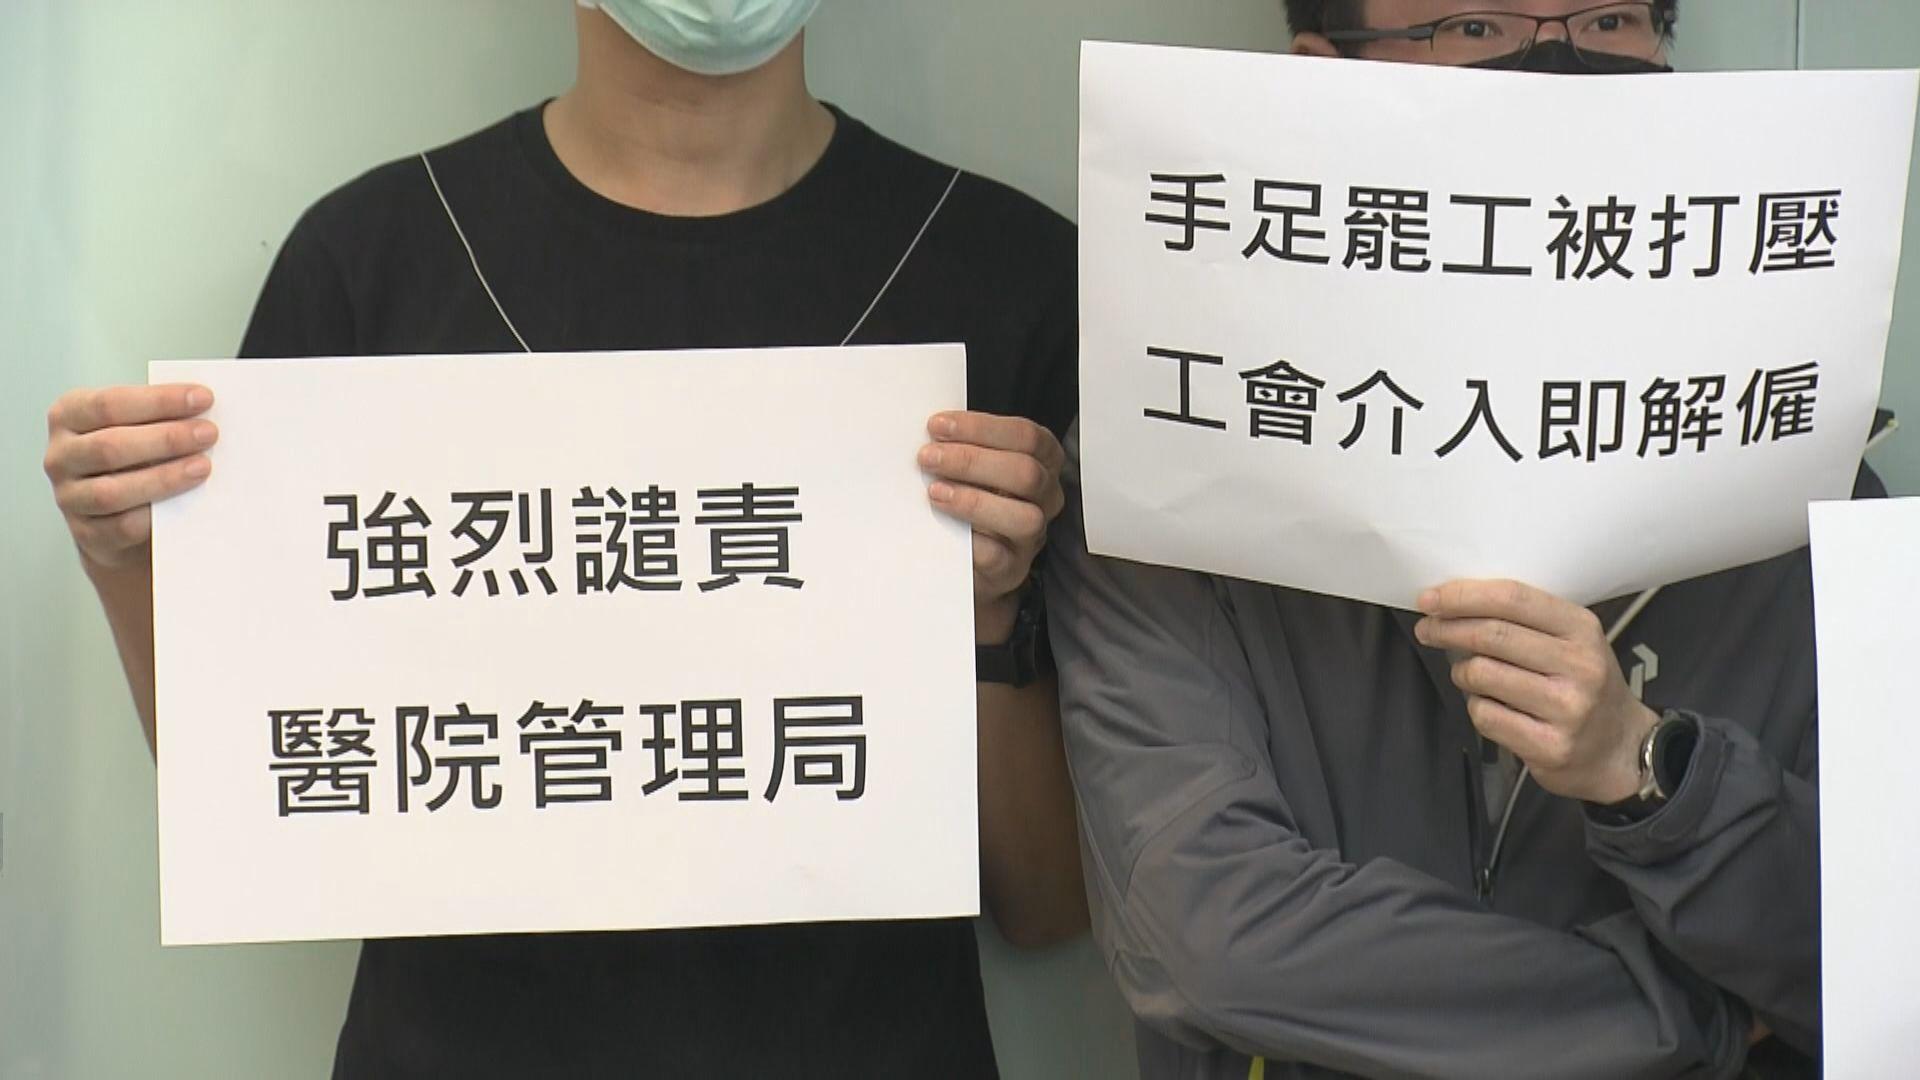 醫管局員工陣線聯同多個工會聯署譴責醫管局打壓